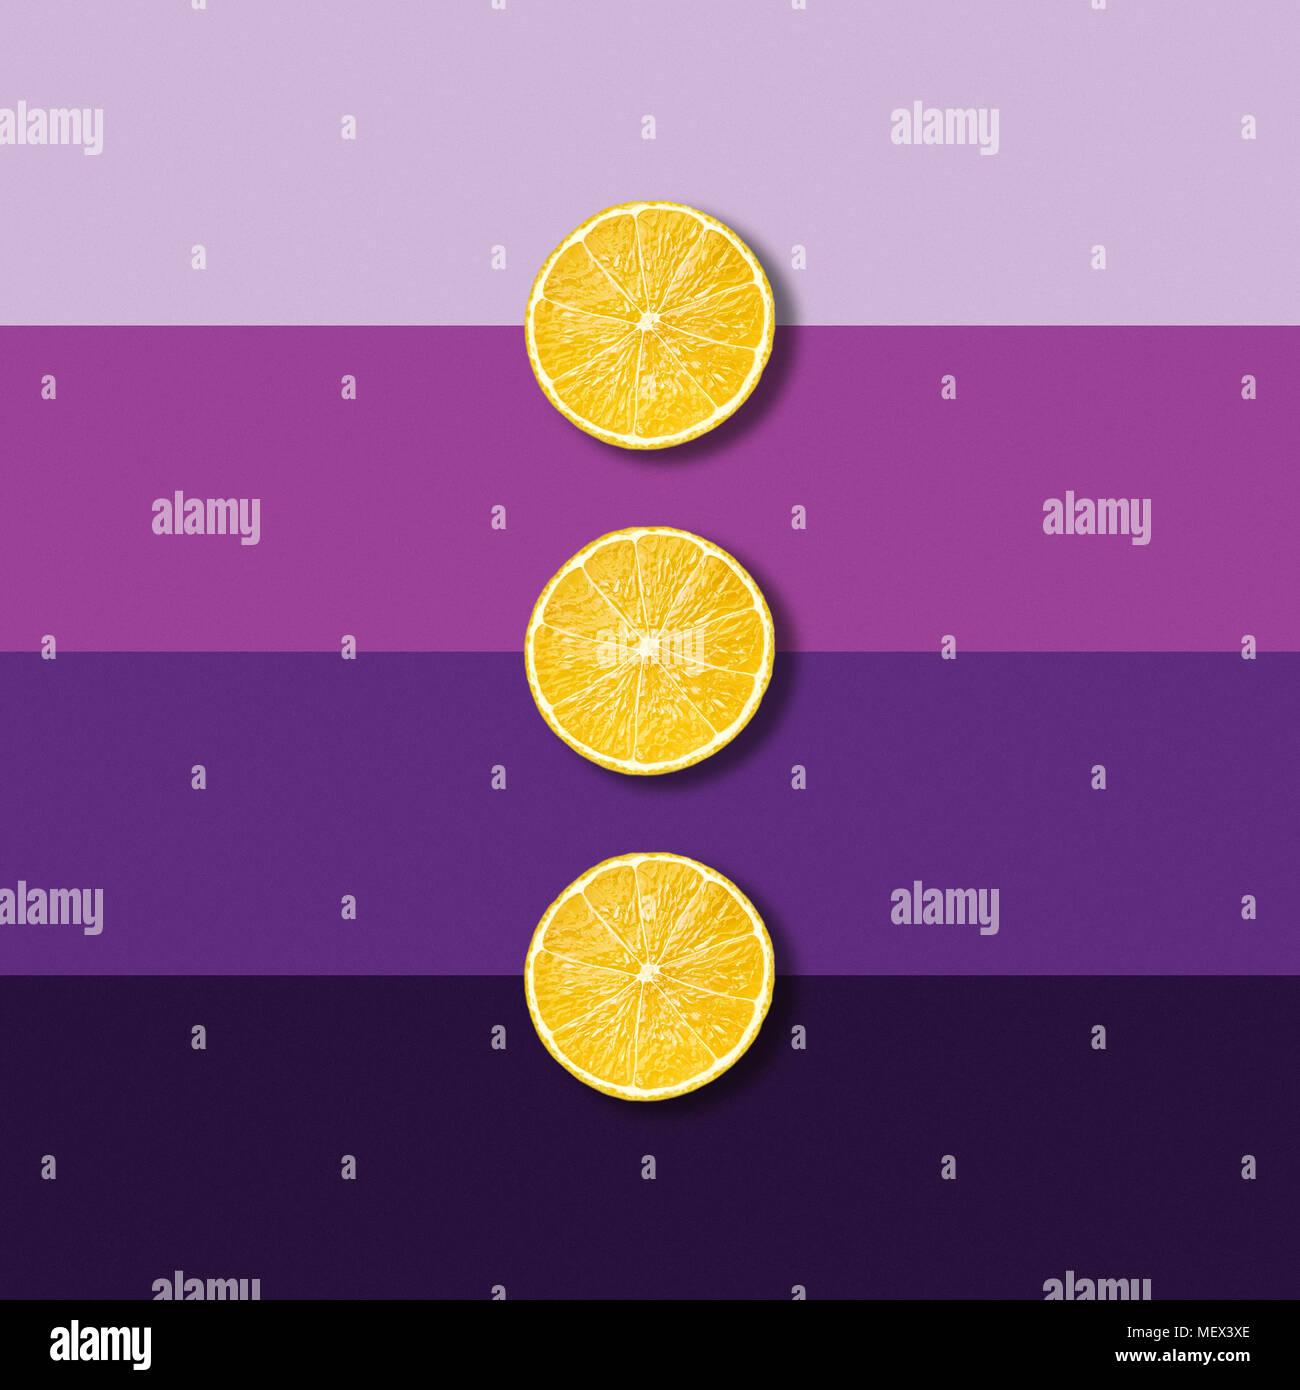 Drei Zitronen Fruchtschnitten auf Electric Purple Background, Abstract pop art Bild Stockbild